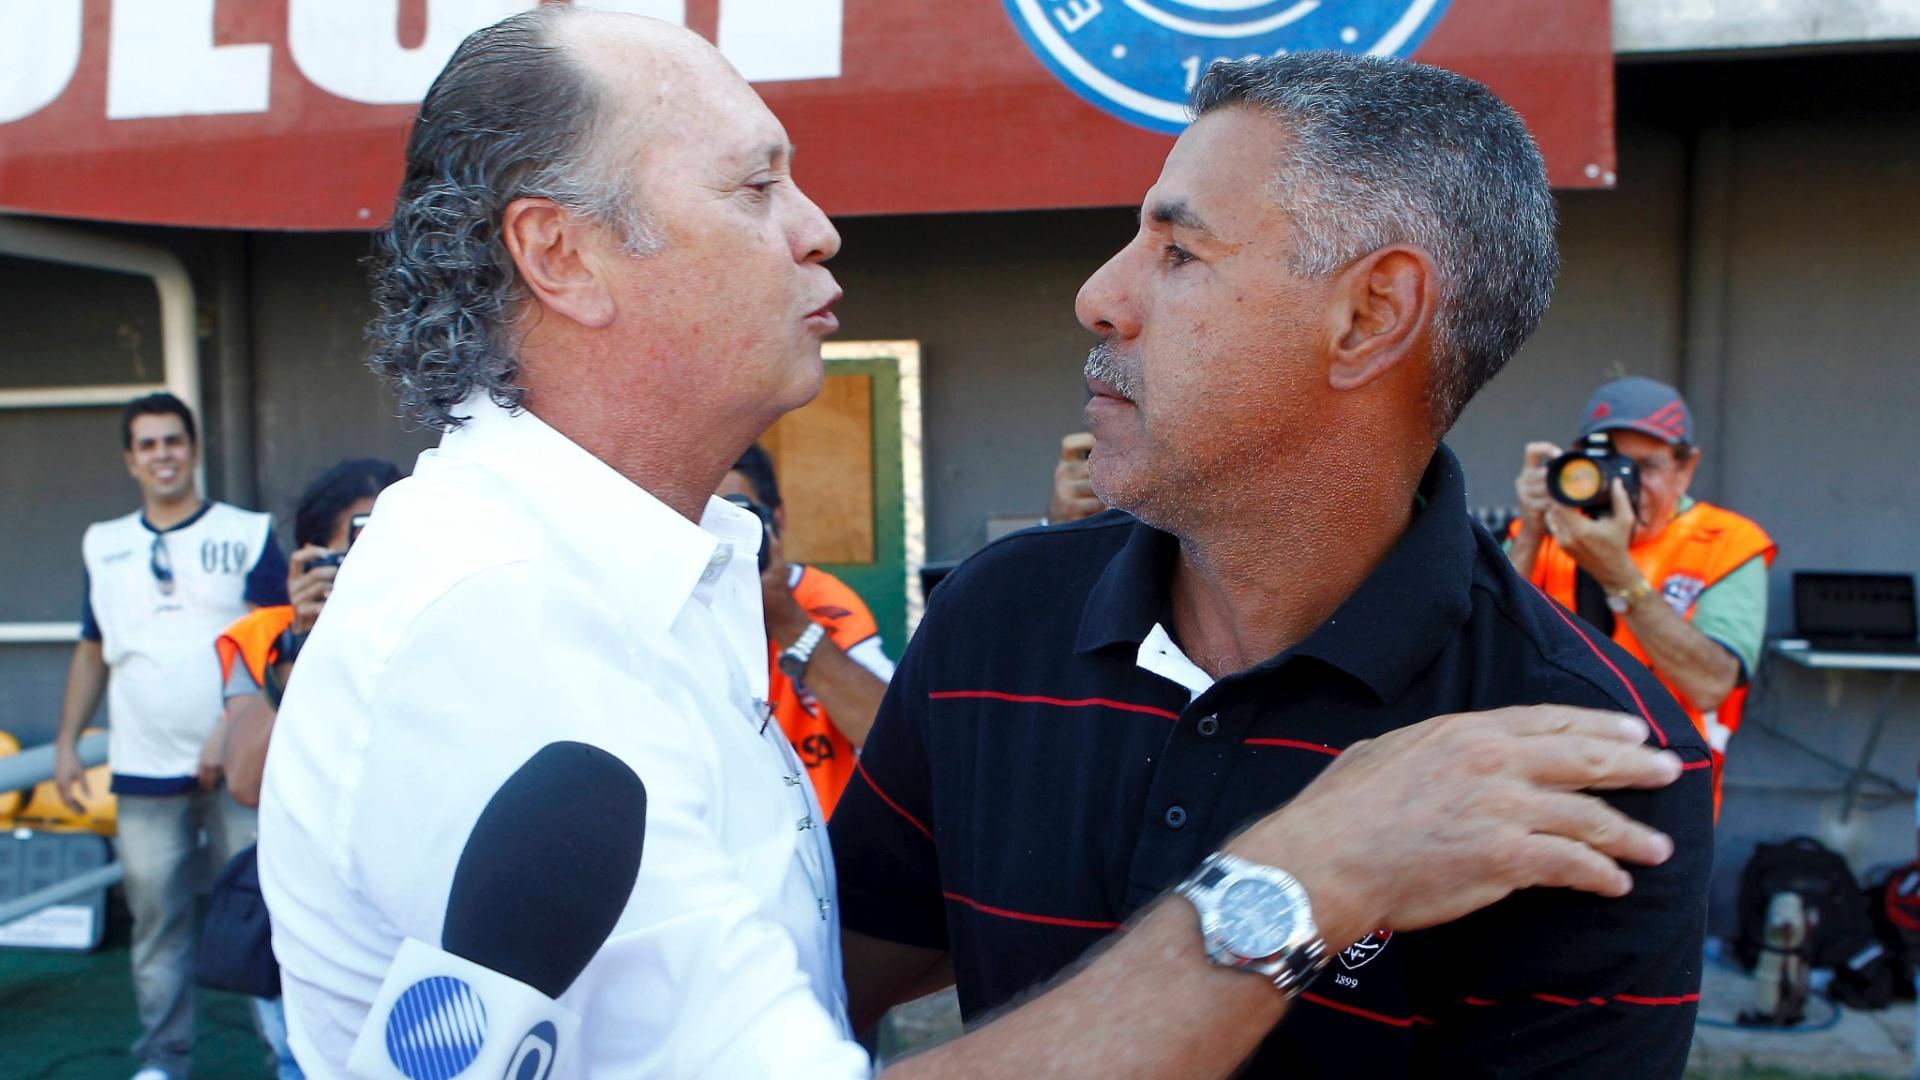 Falcão, técnico do Bahia, cumprimenta Toninho Cerezo, seu companheiro de seleção em 1982 e técnico do Vitória